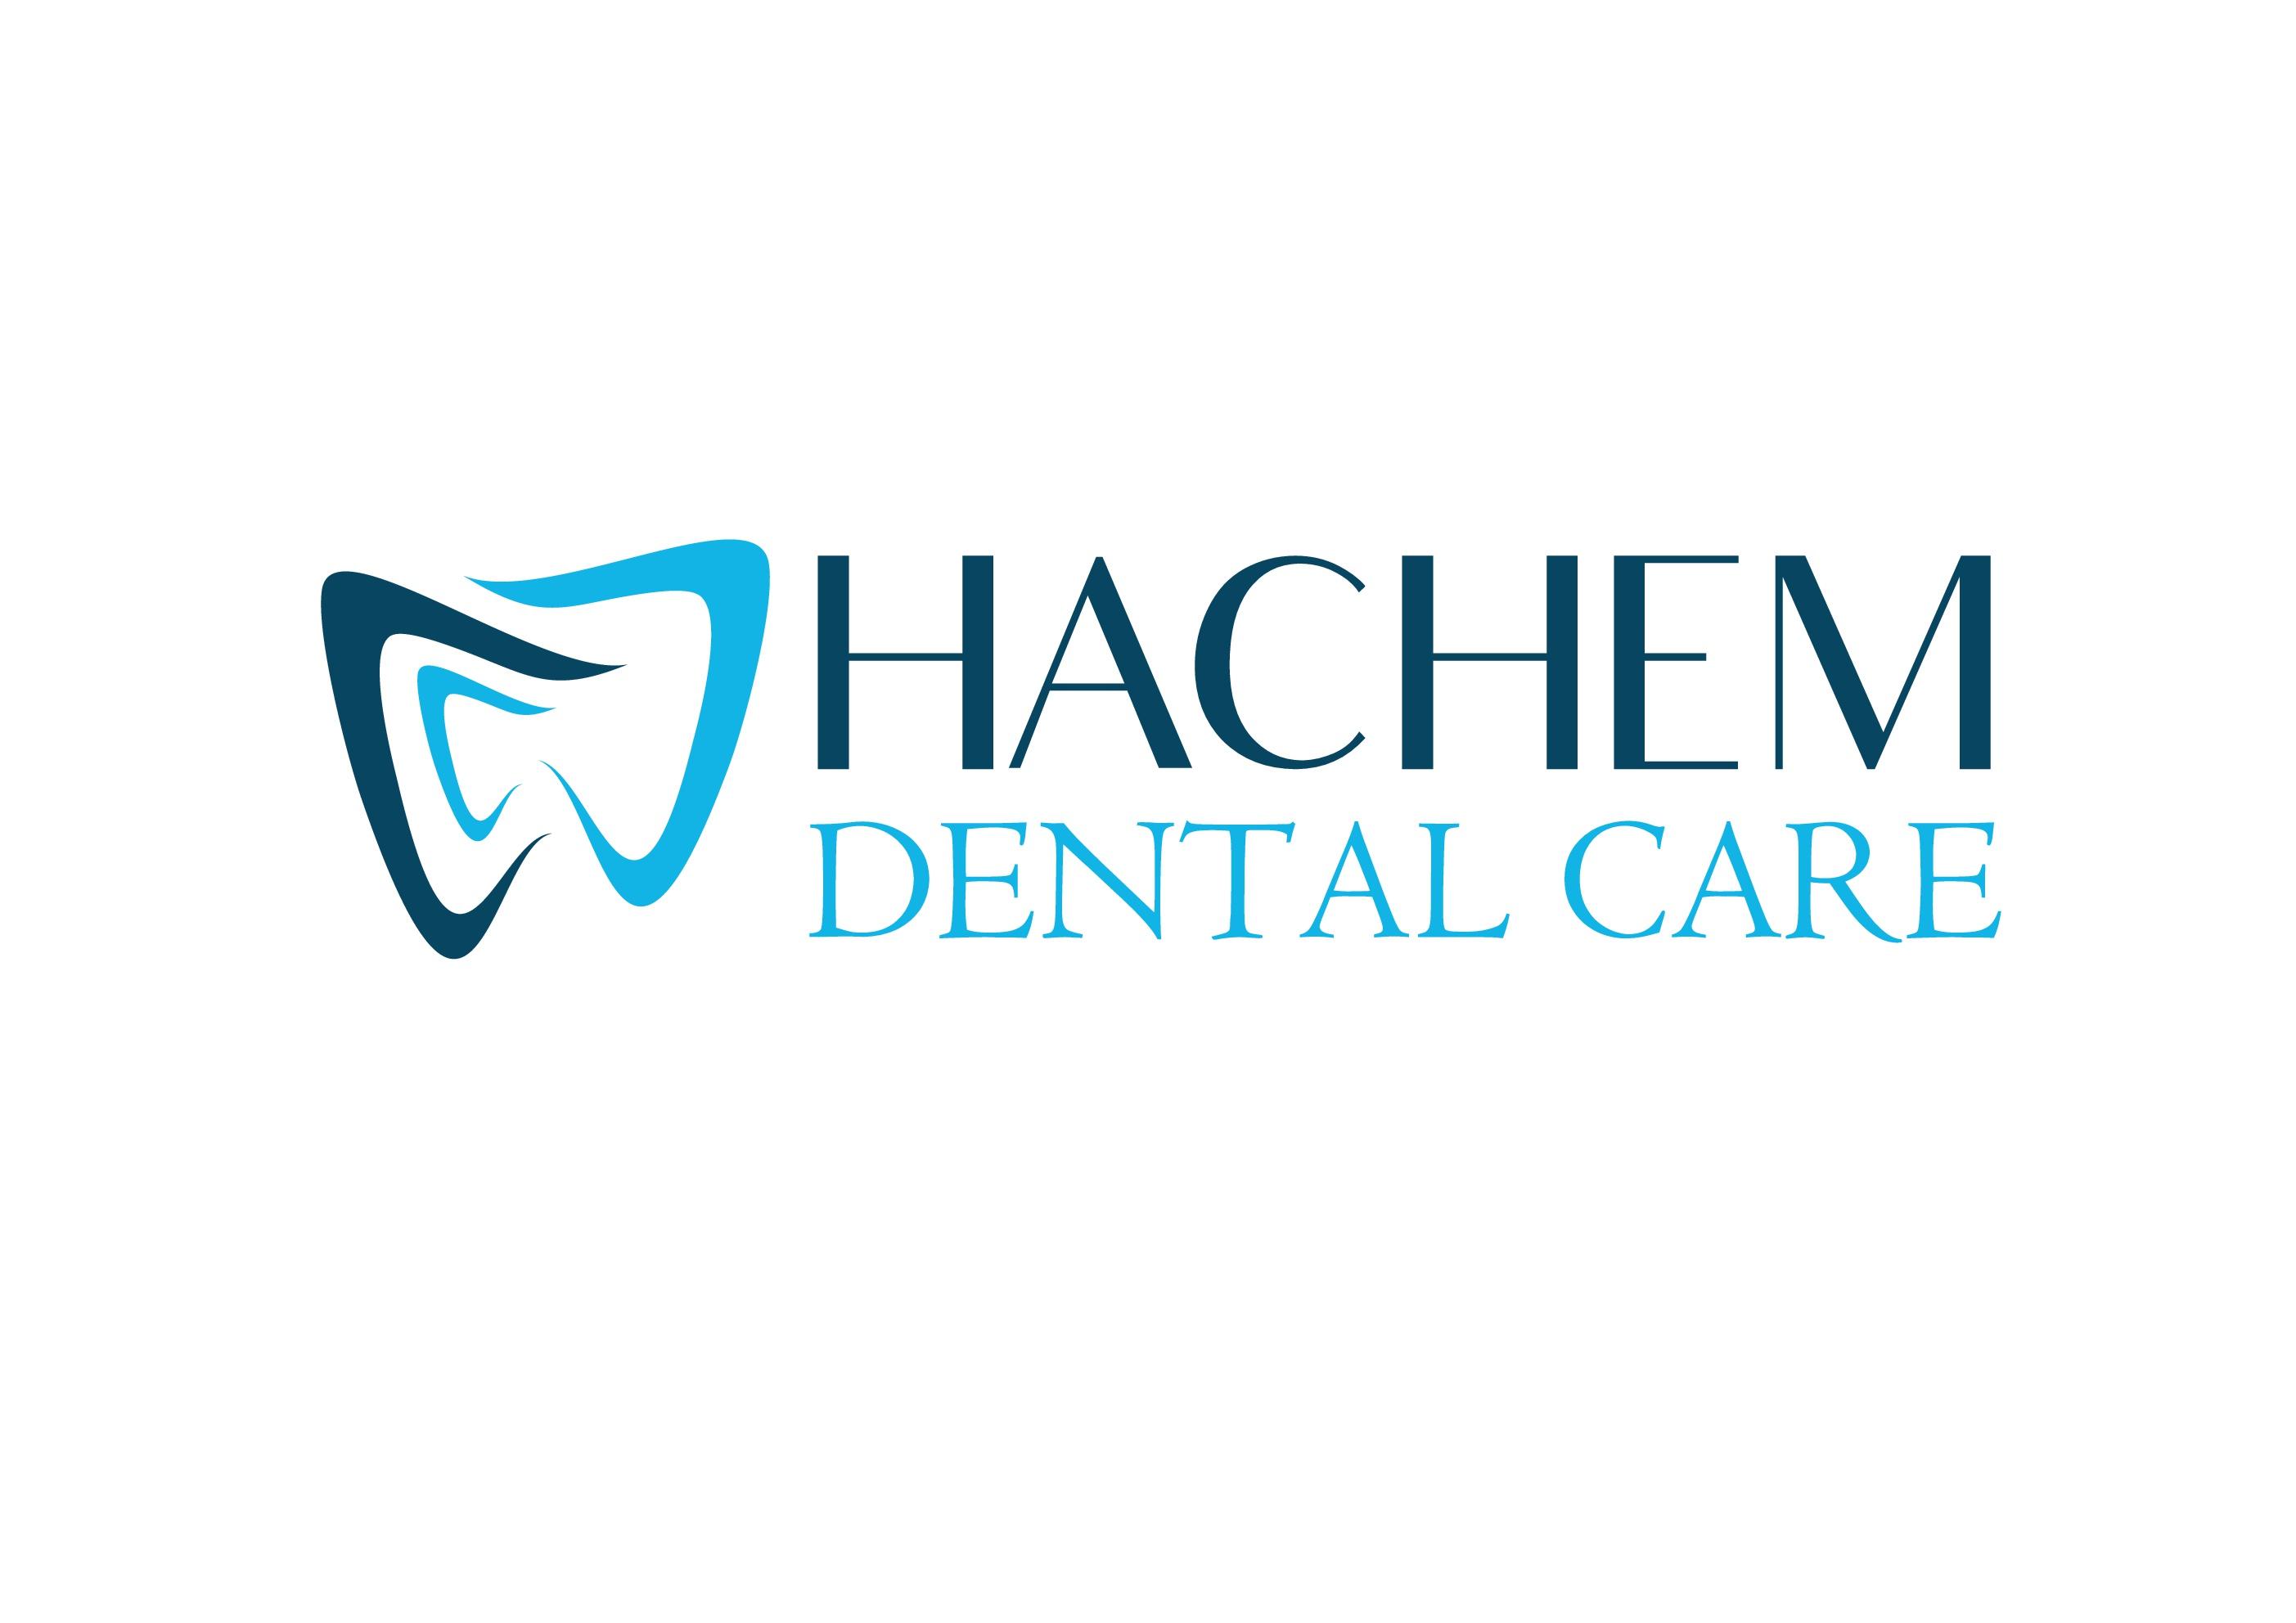 HACHEM DENTAL CARE